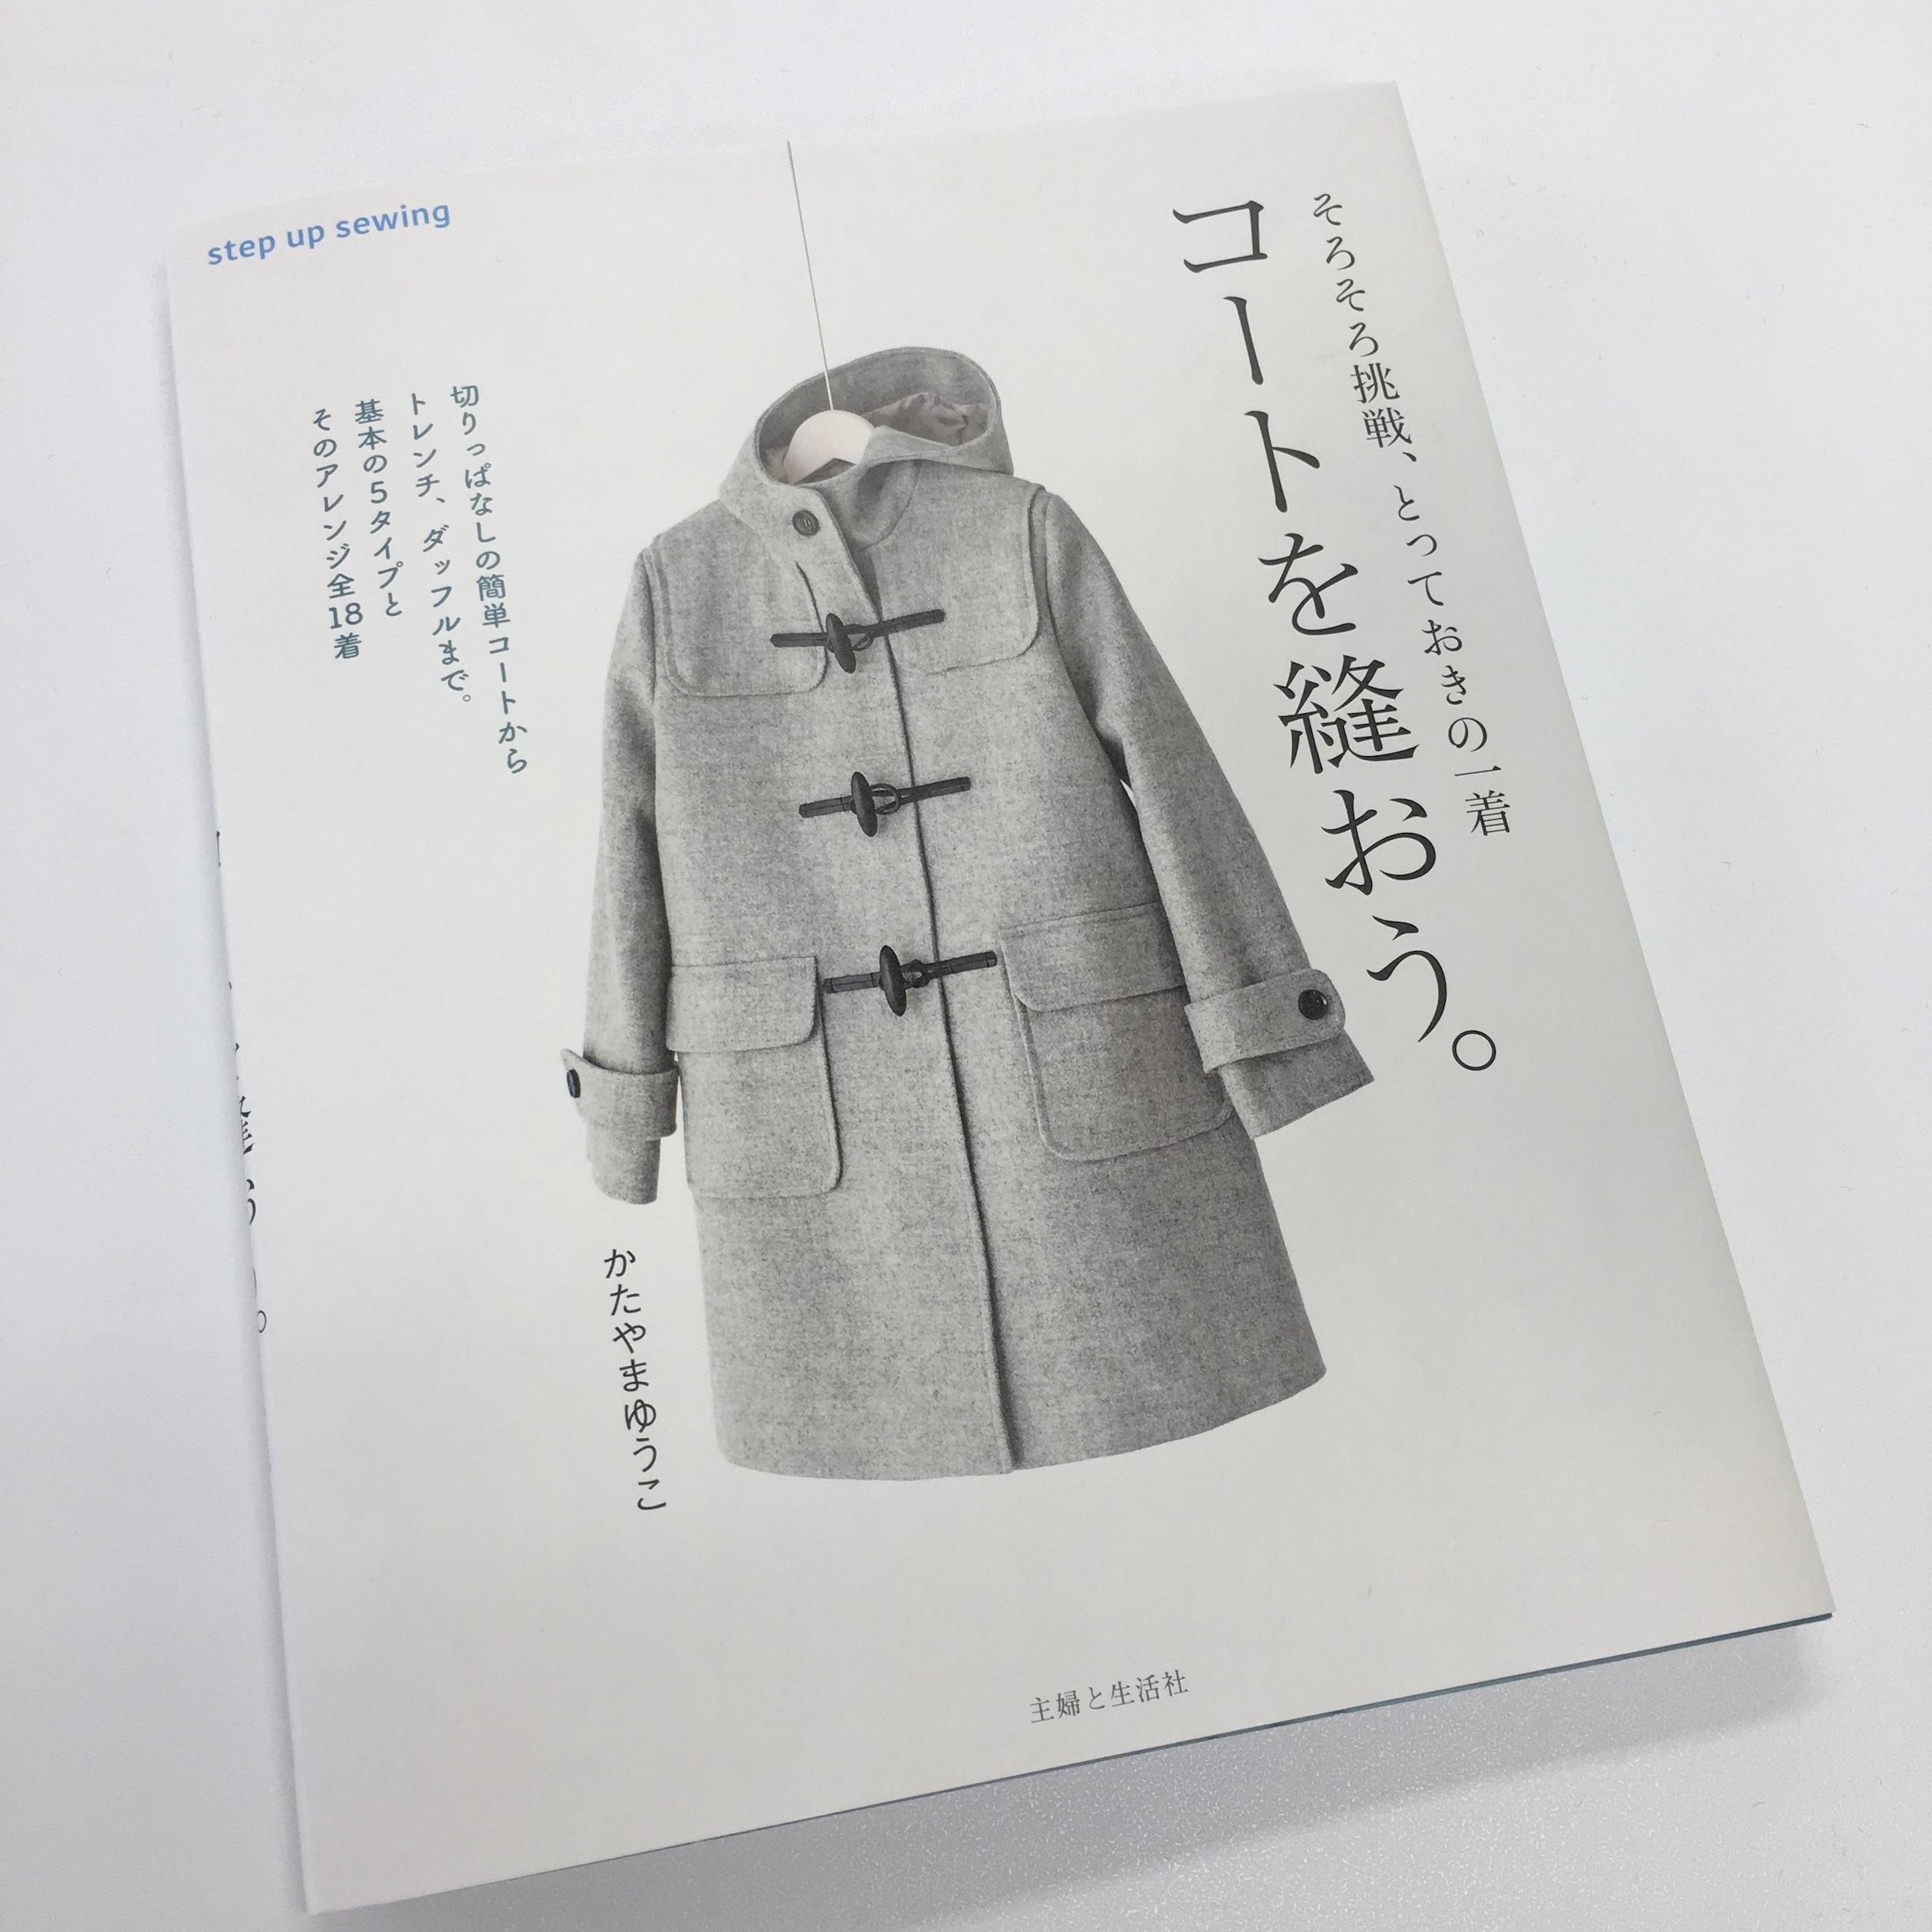 コートを縫おう。 D-2の型紙